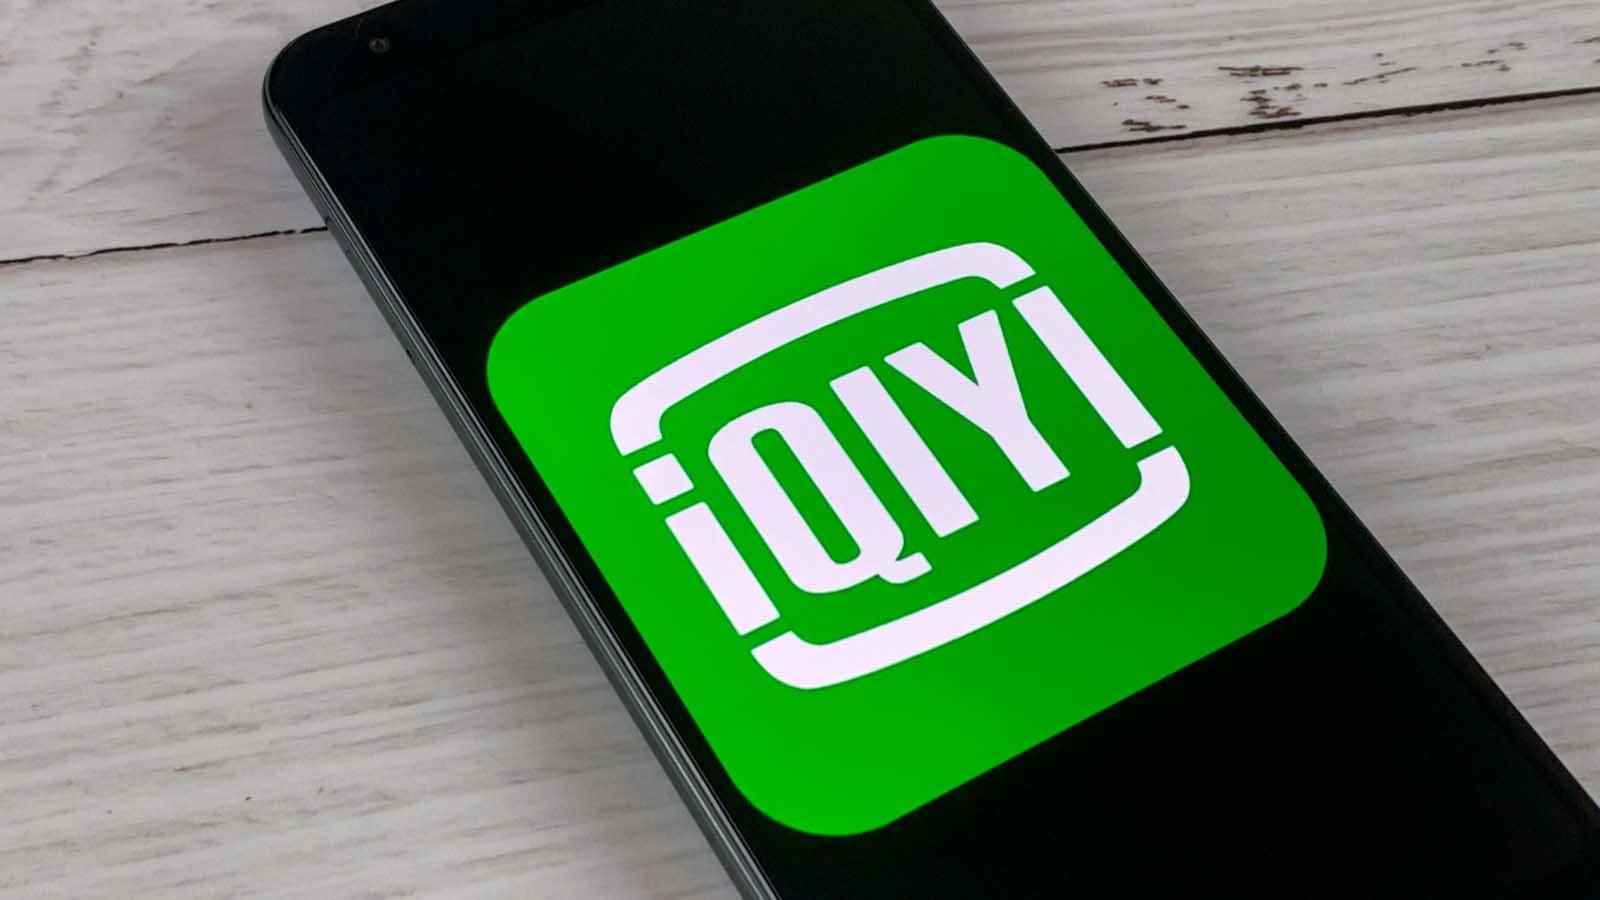 Ứng dụng iQIYI ra mắt khán giả trẻ Việt Nam, nhấn mạnh vào nội dung giải trí và phim truyện - Ảnh 1.